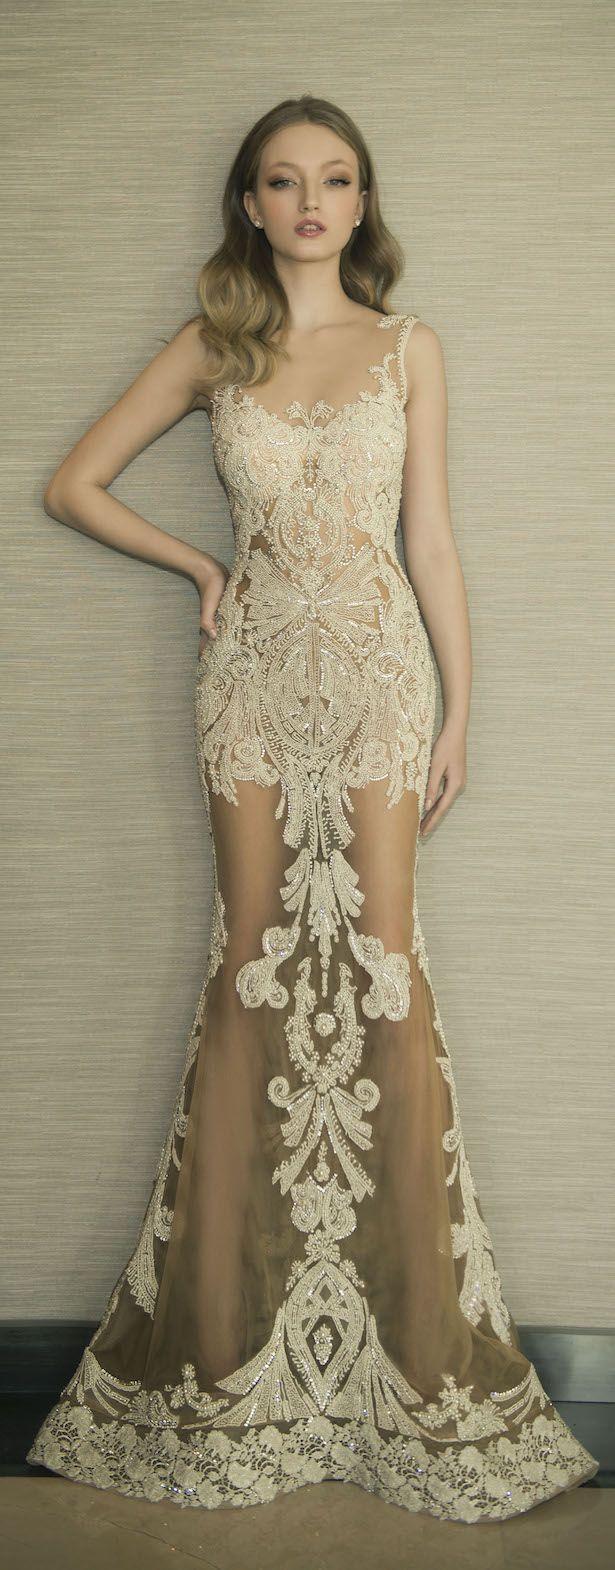 Mariage - Dany Mizrachi 2016 Wedding Dress